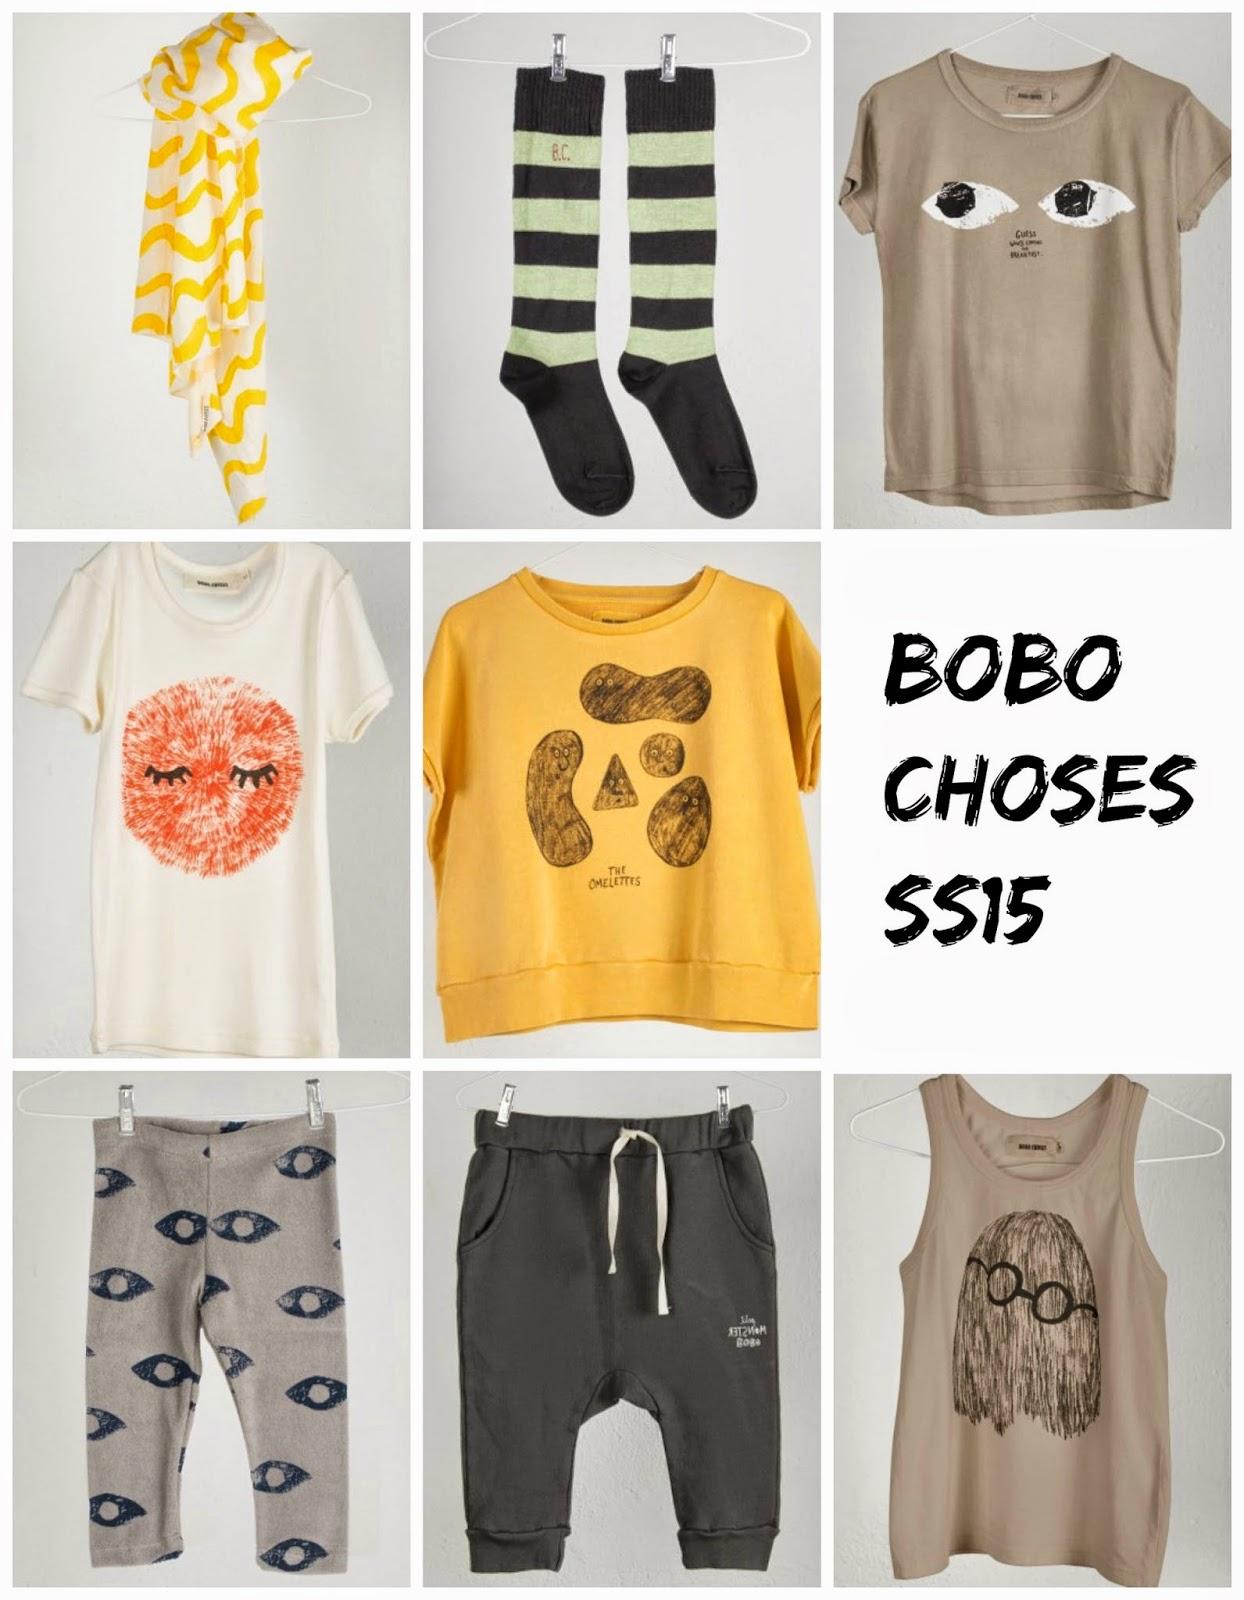 Bobo Choses SS15